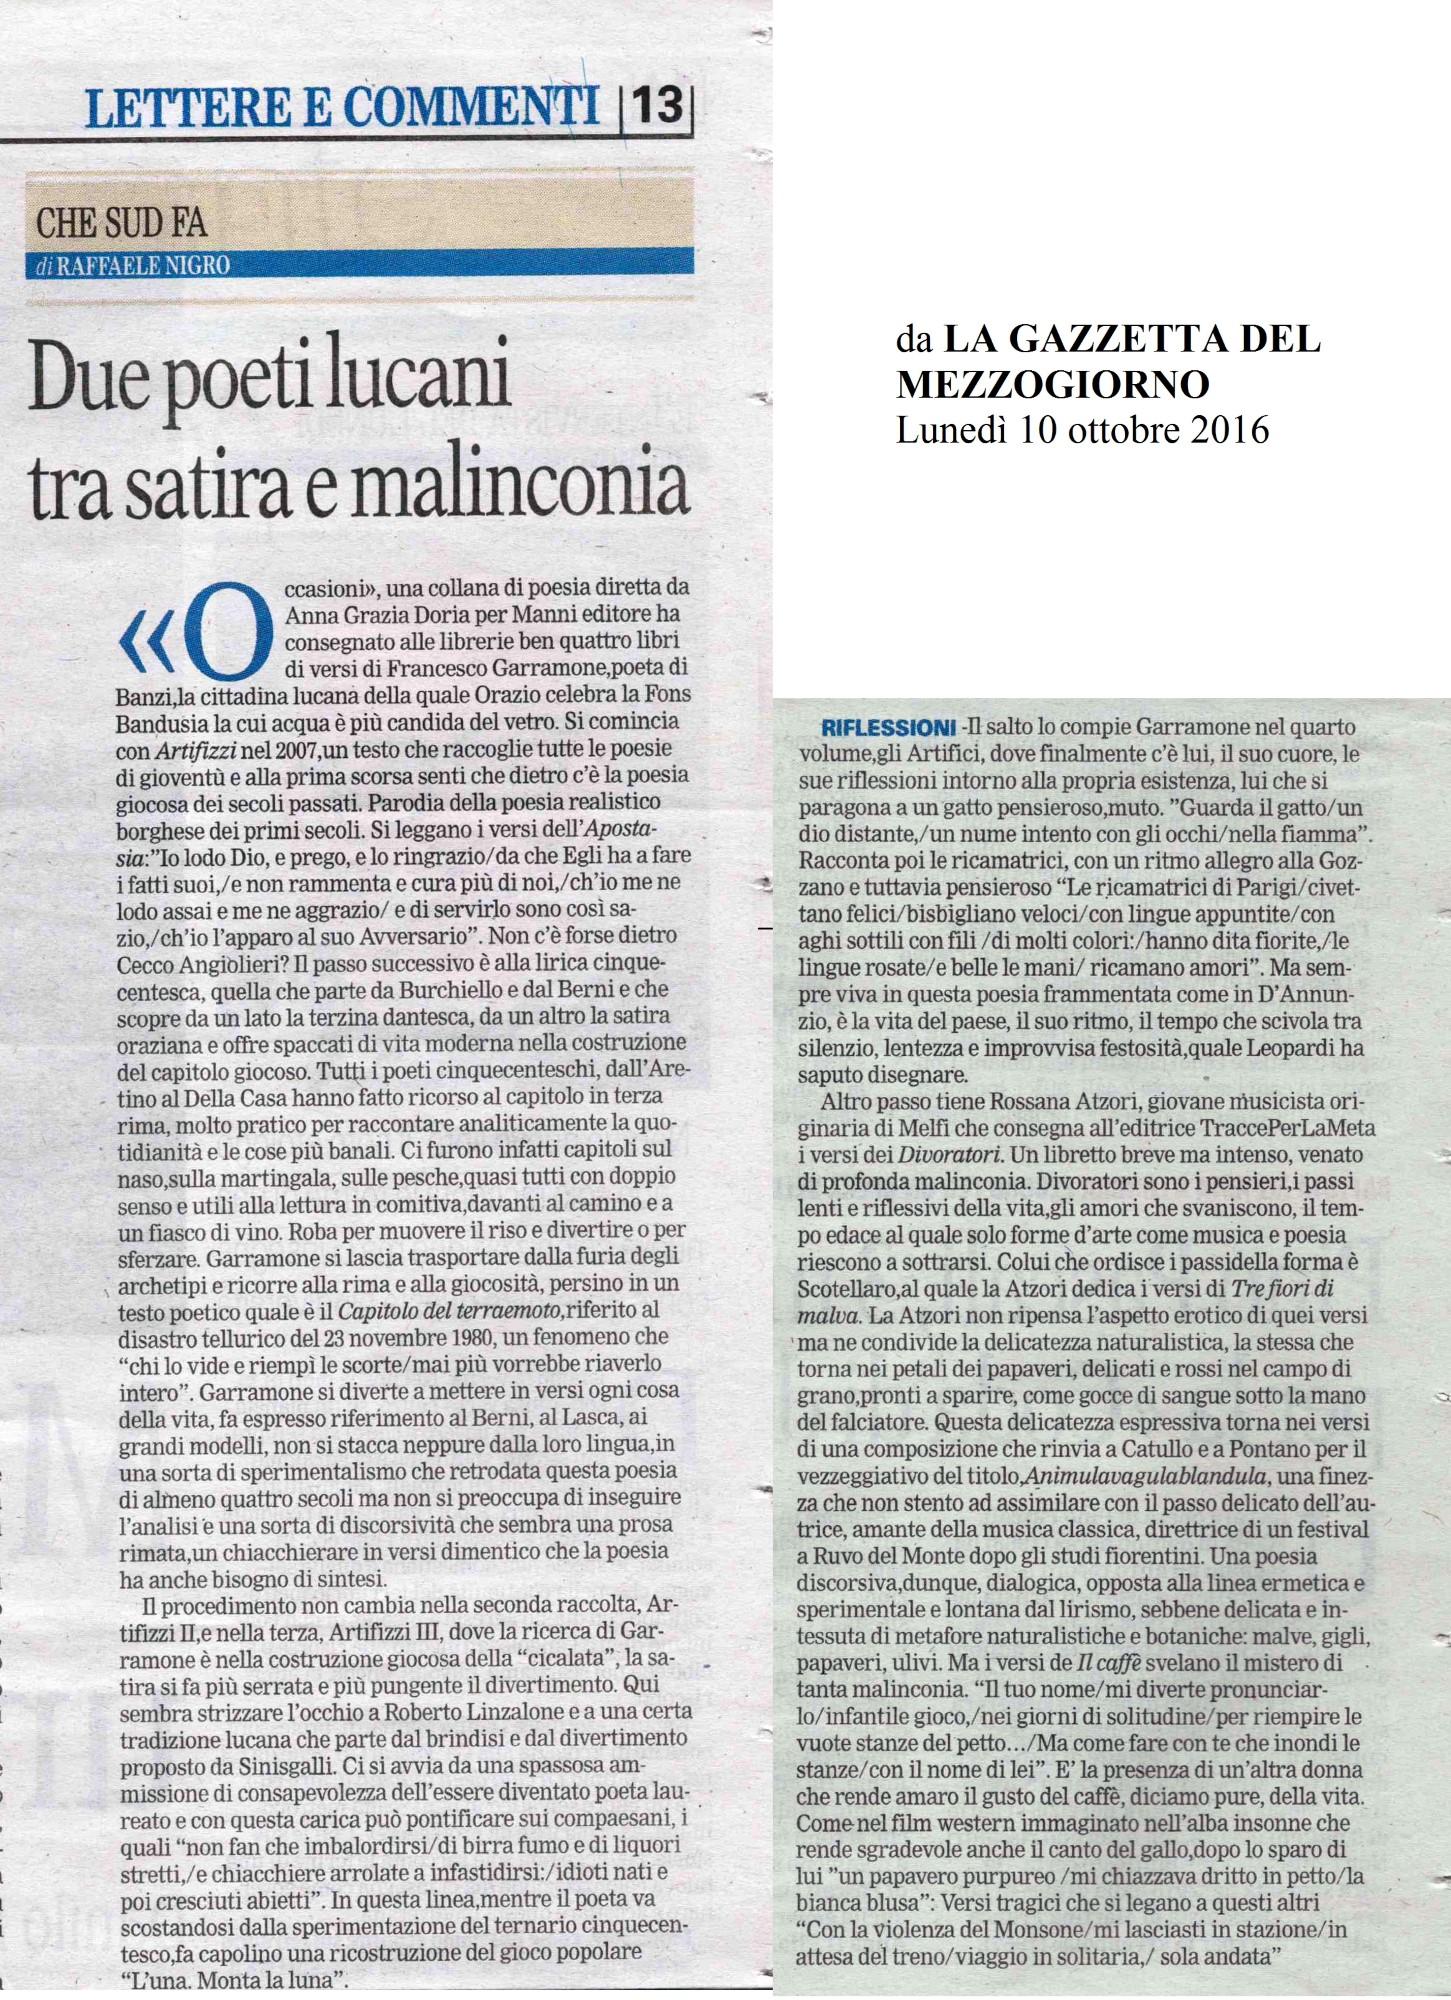 articolo_gazzetta_intero-atzori_divoratori